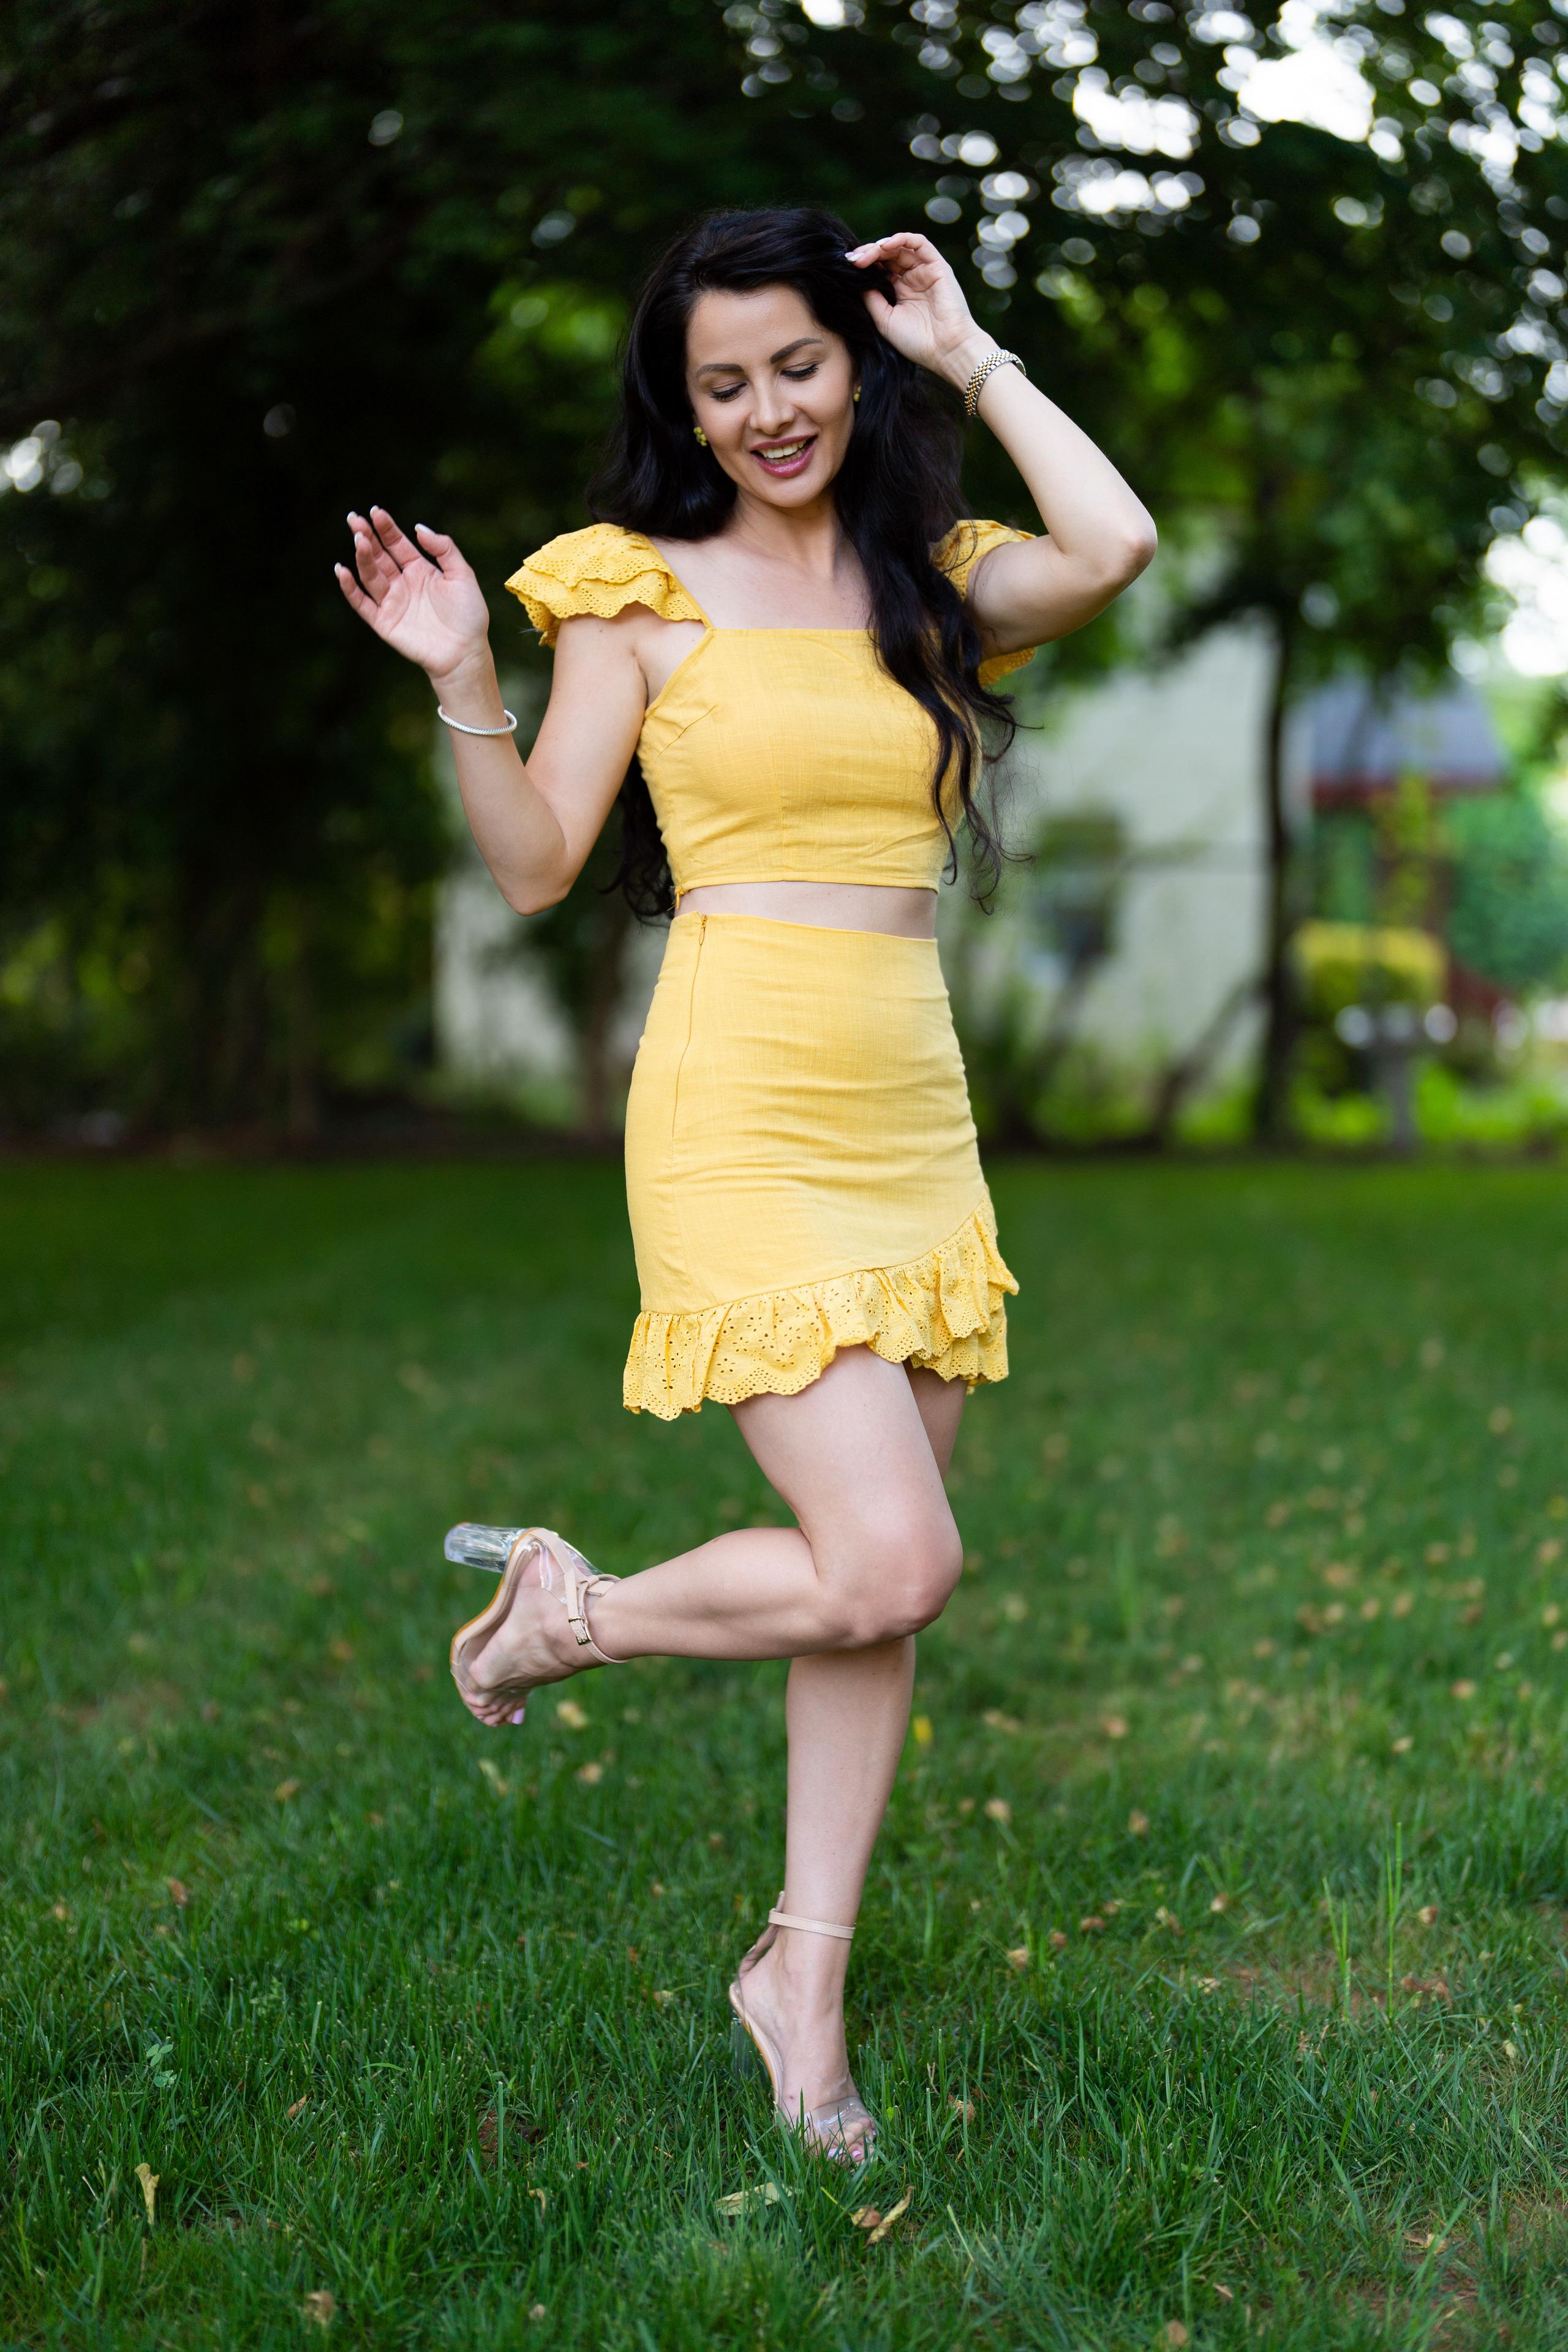 Фото Victoria Bell брюнеток улыбается позирует девушка ног  для мобильного телефона брюнетки Брюнетка Улыбка Поза Девушки молодая женщина молодые женщины Ноги